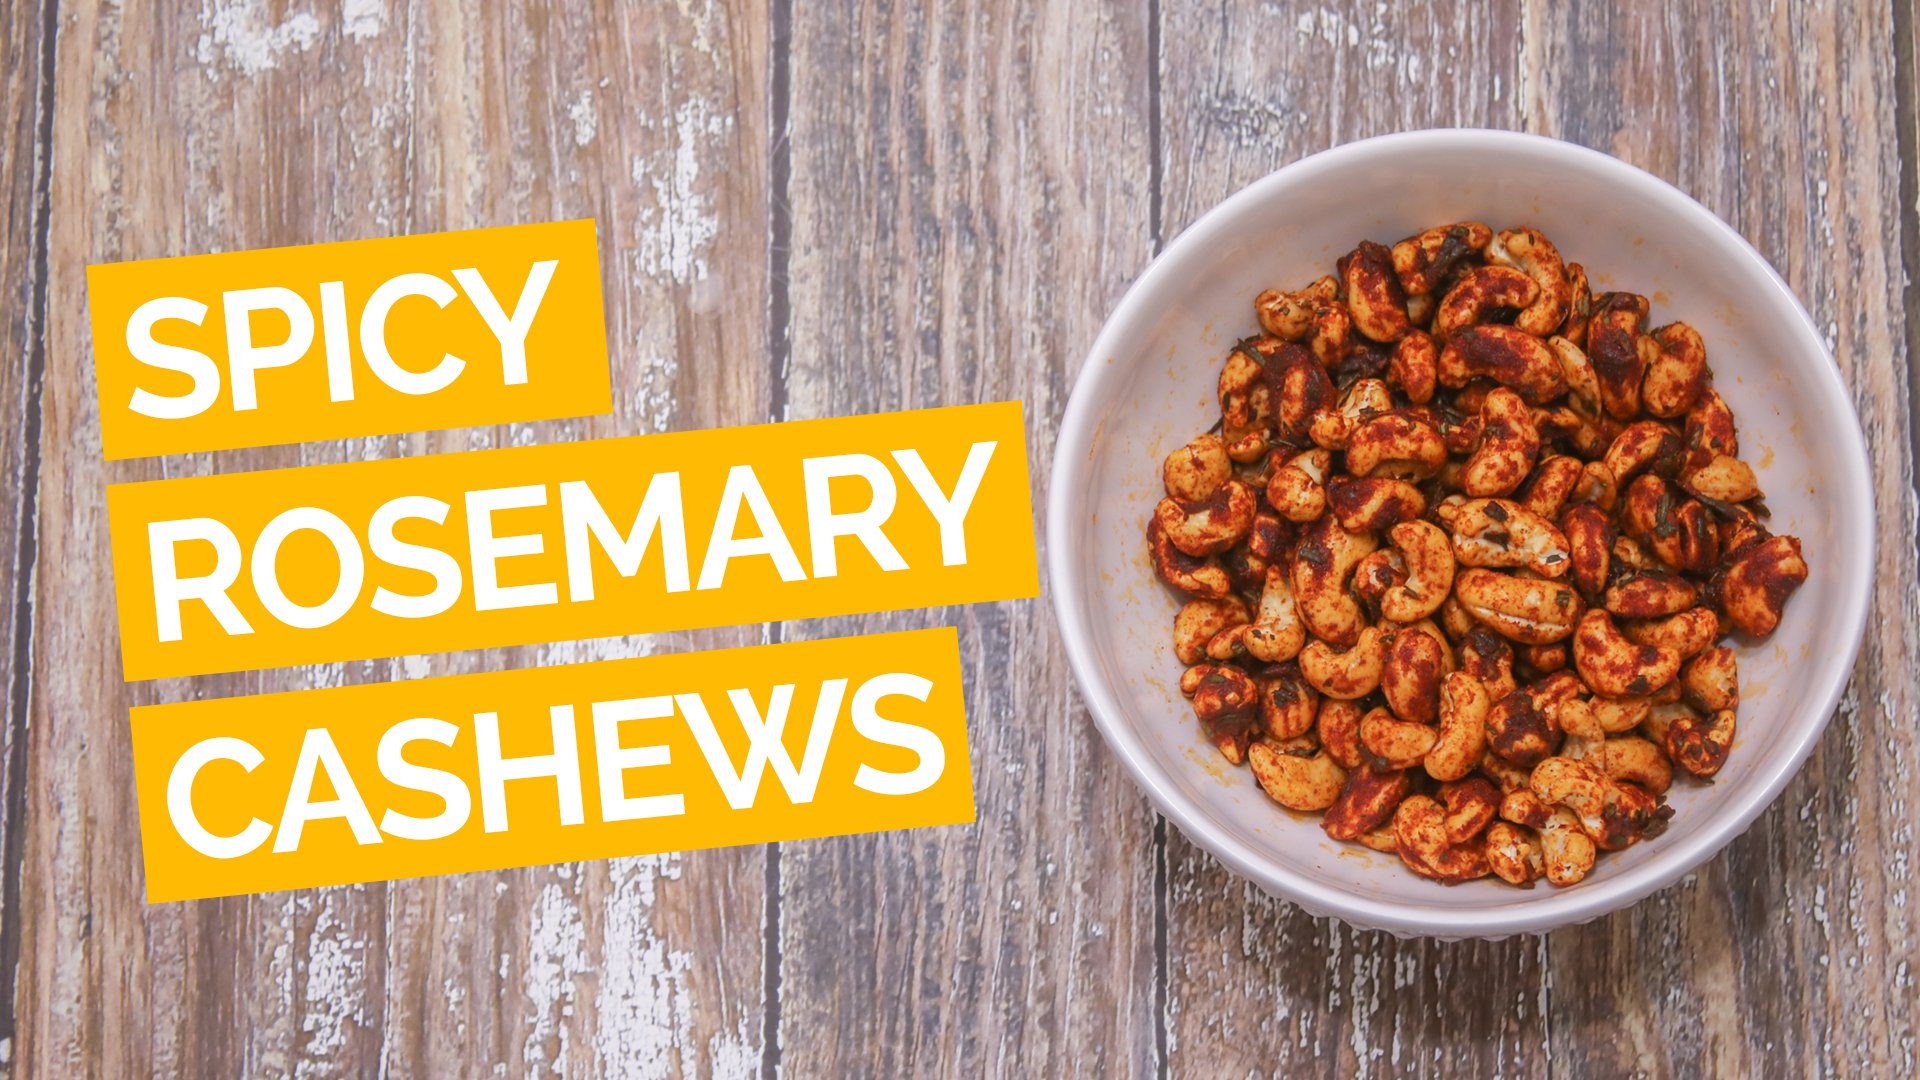 Spicy Rosemary Cashews_video_yellow